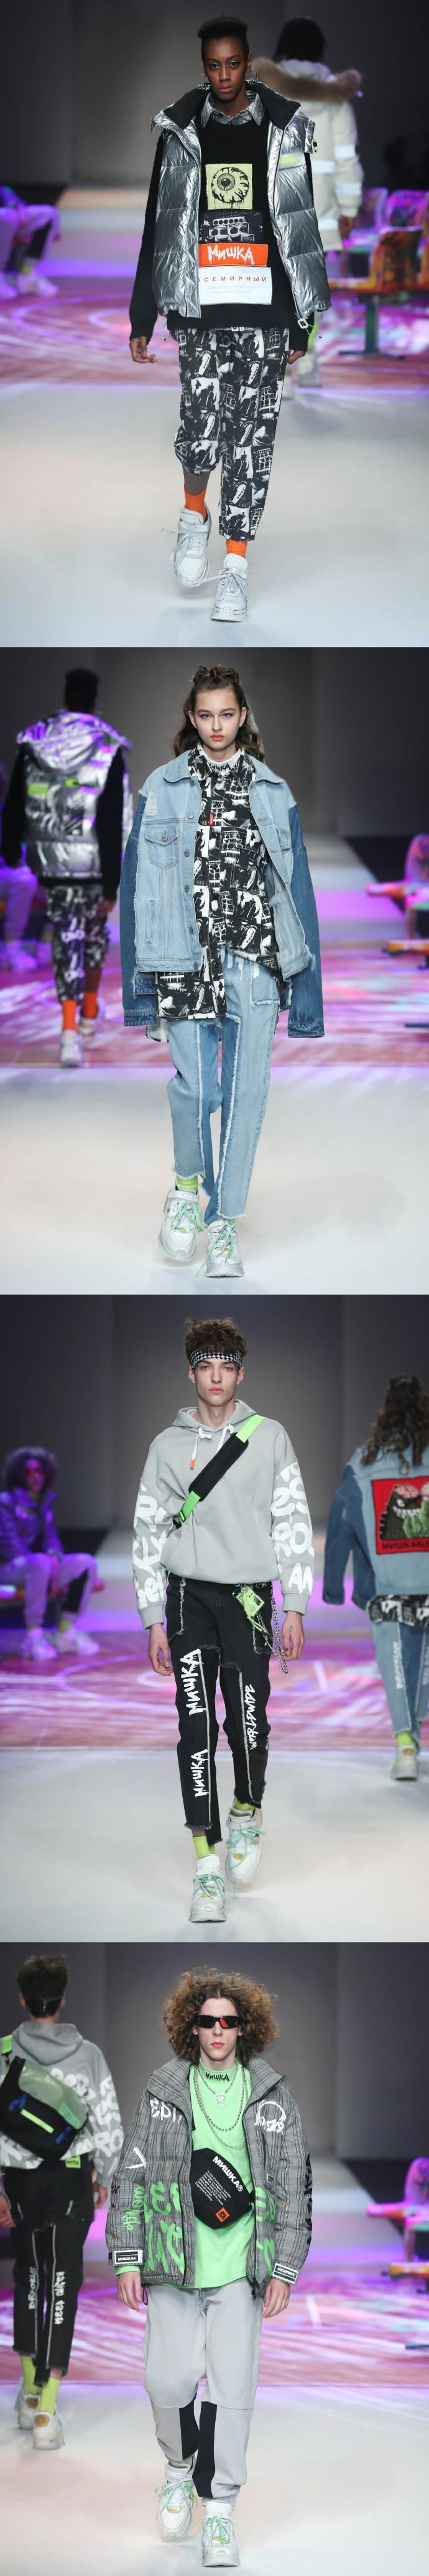 Mishka 上海ファッションウィーク Calquinto Co Ltd